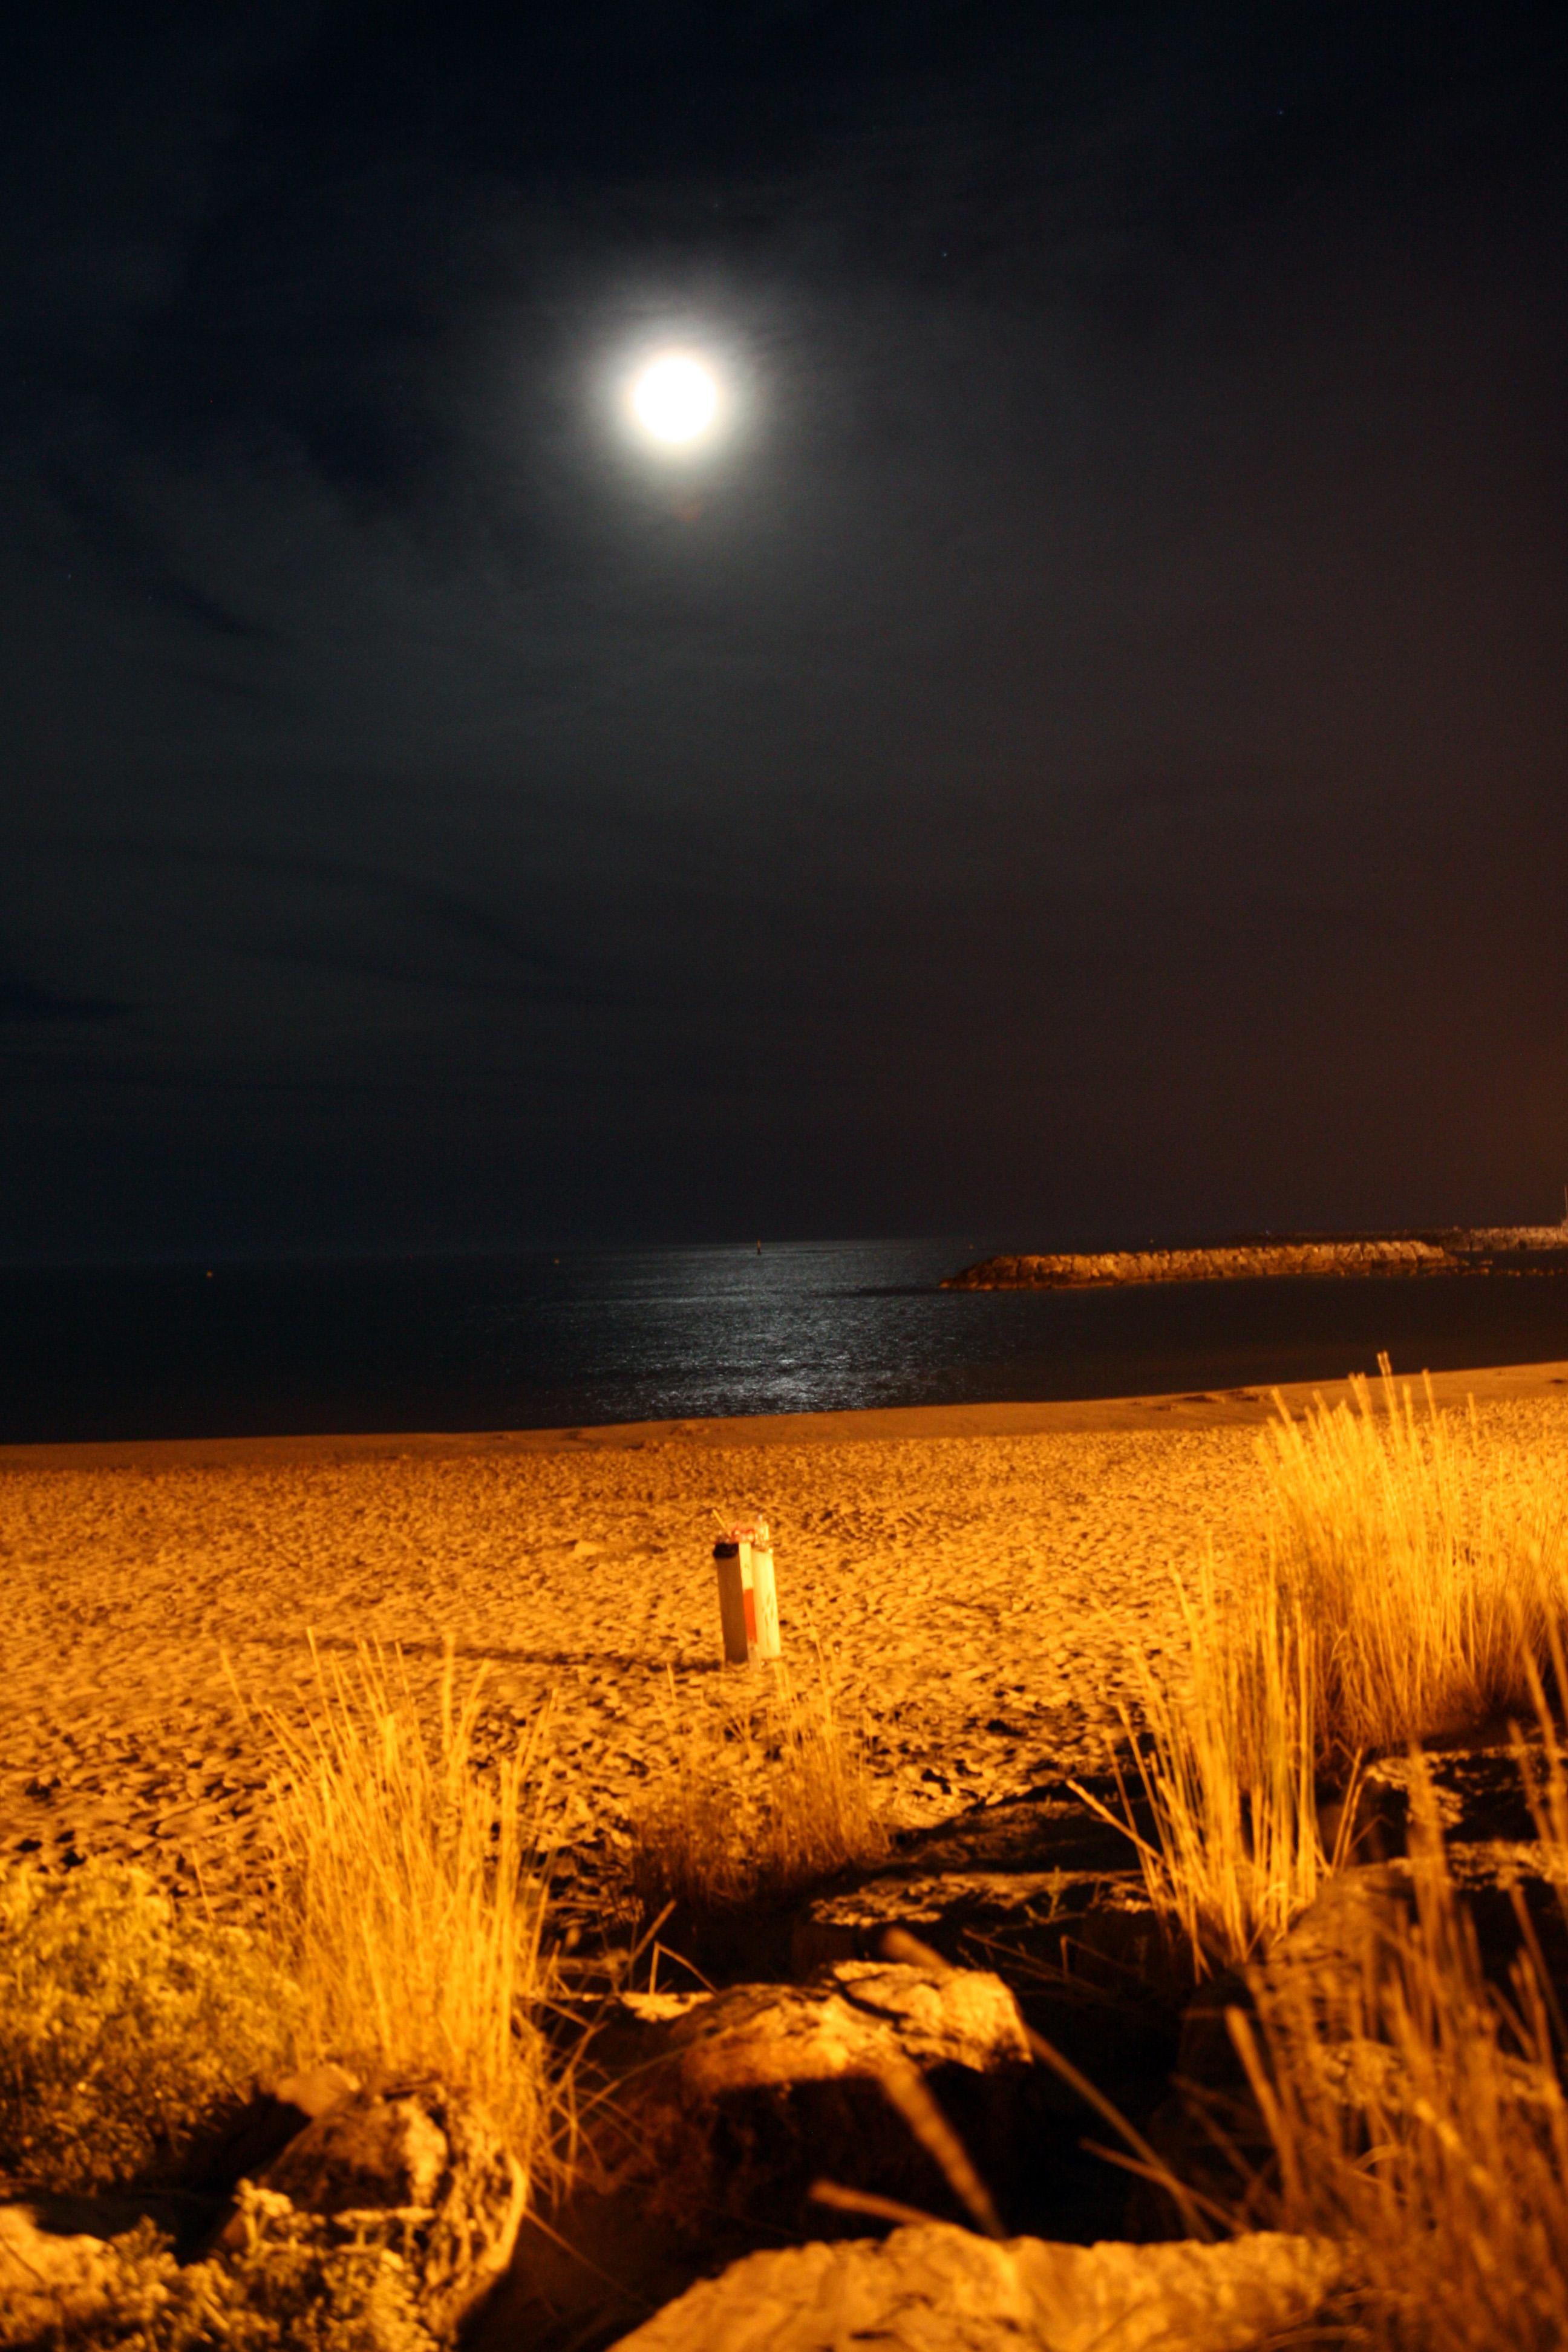 L'ormeggio della luna